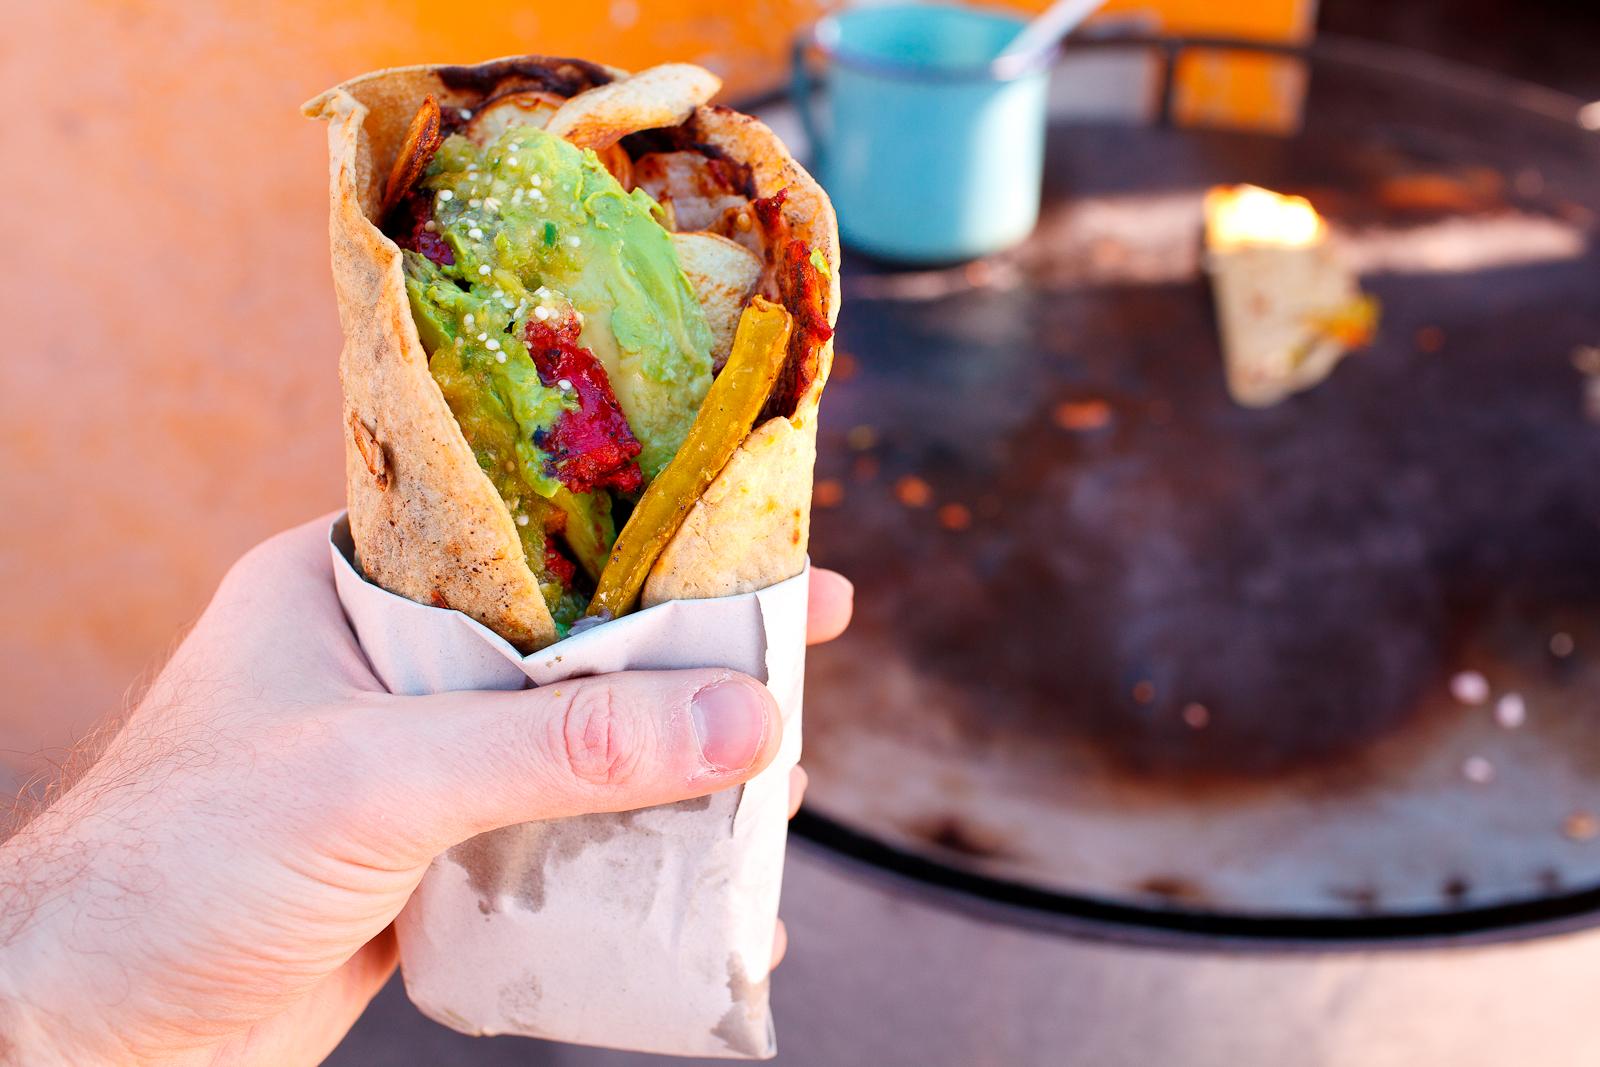 """""""Taco"""" de puerco, papas fritas en manteca de cerdo, nopal, quesillo, longaniza, y salsa verde (Pork """"taco"""" with potato wedges fried in pork fat, nopal,local quesillo cheese,sausage,an tomatillo sauce)"""